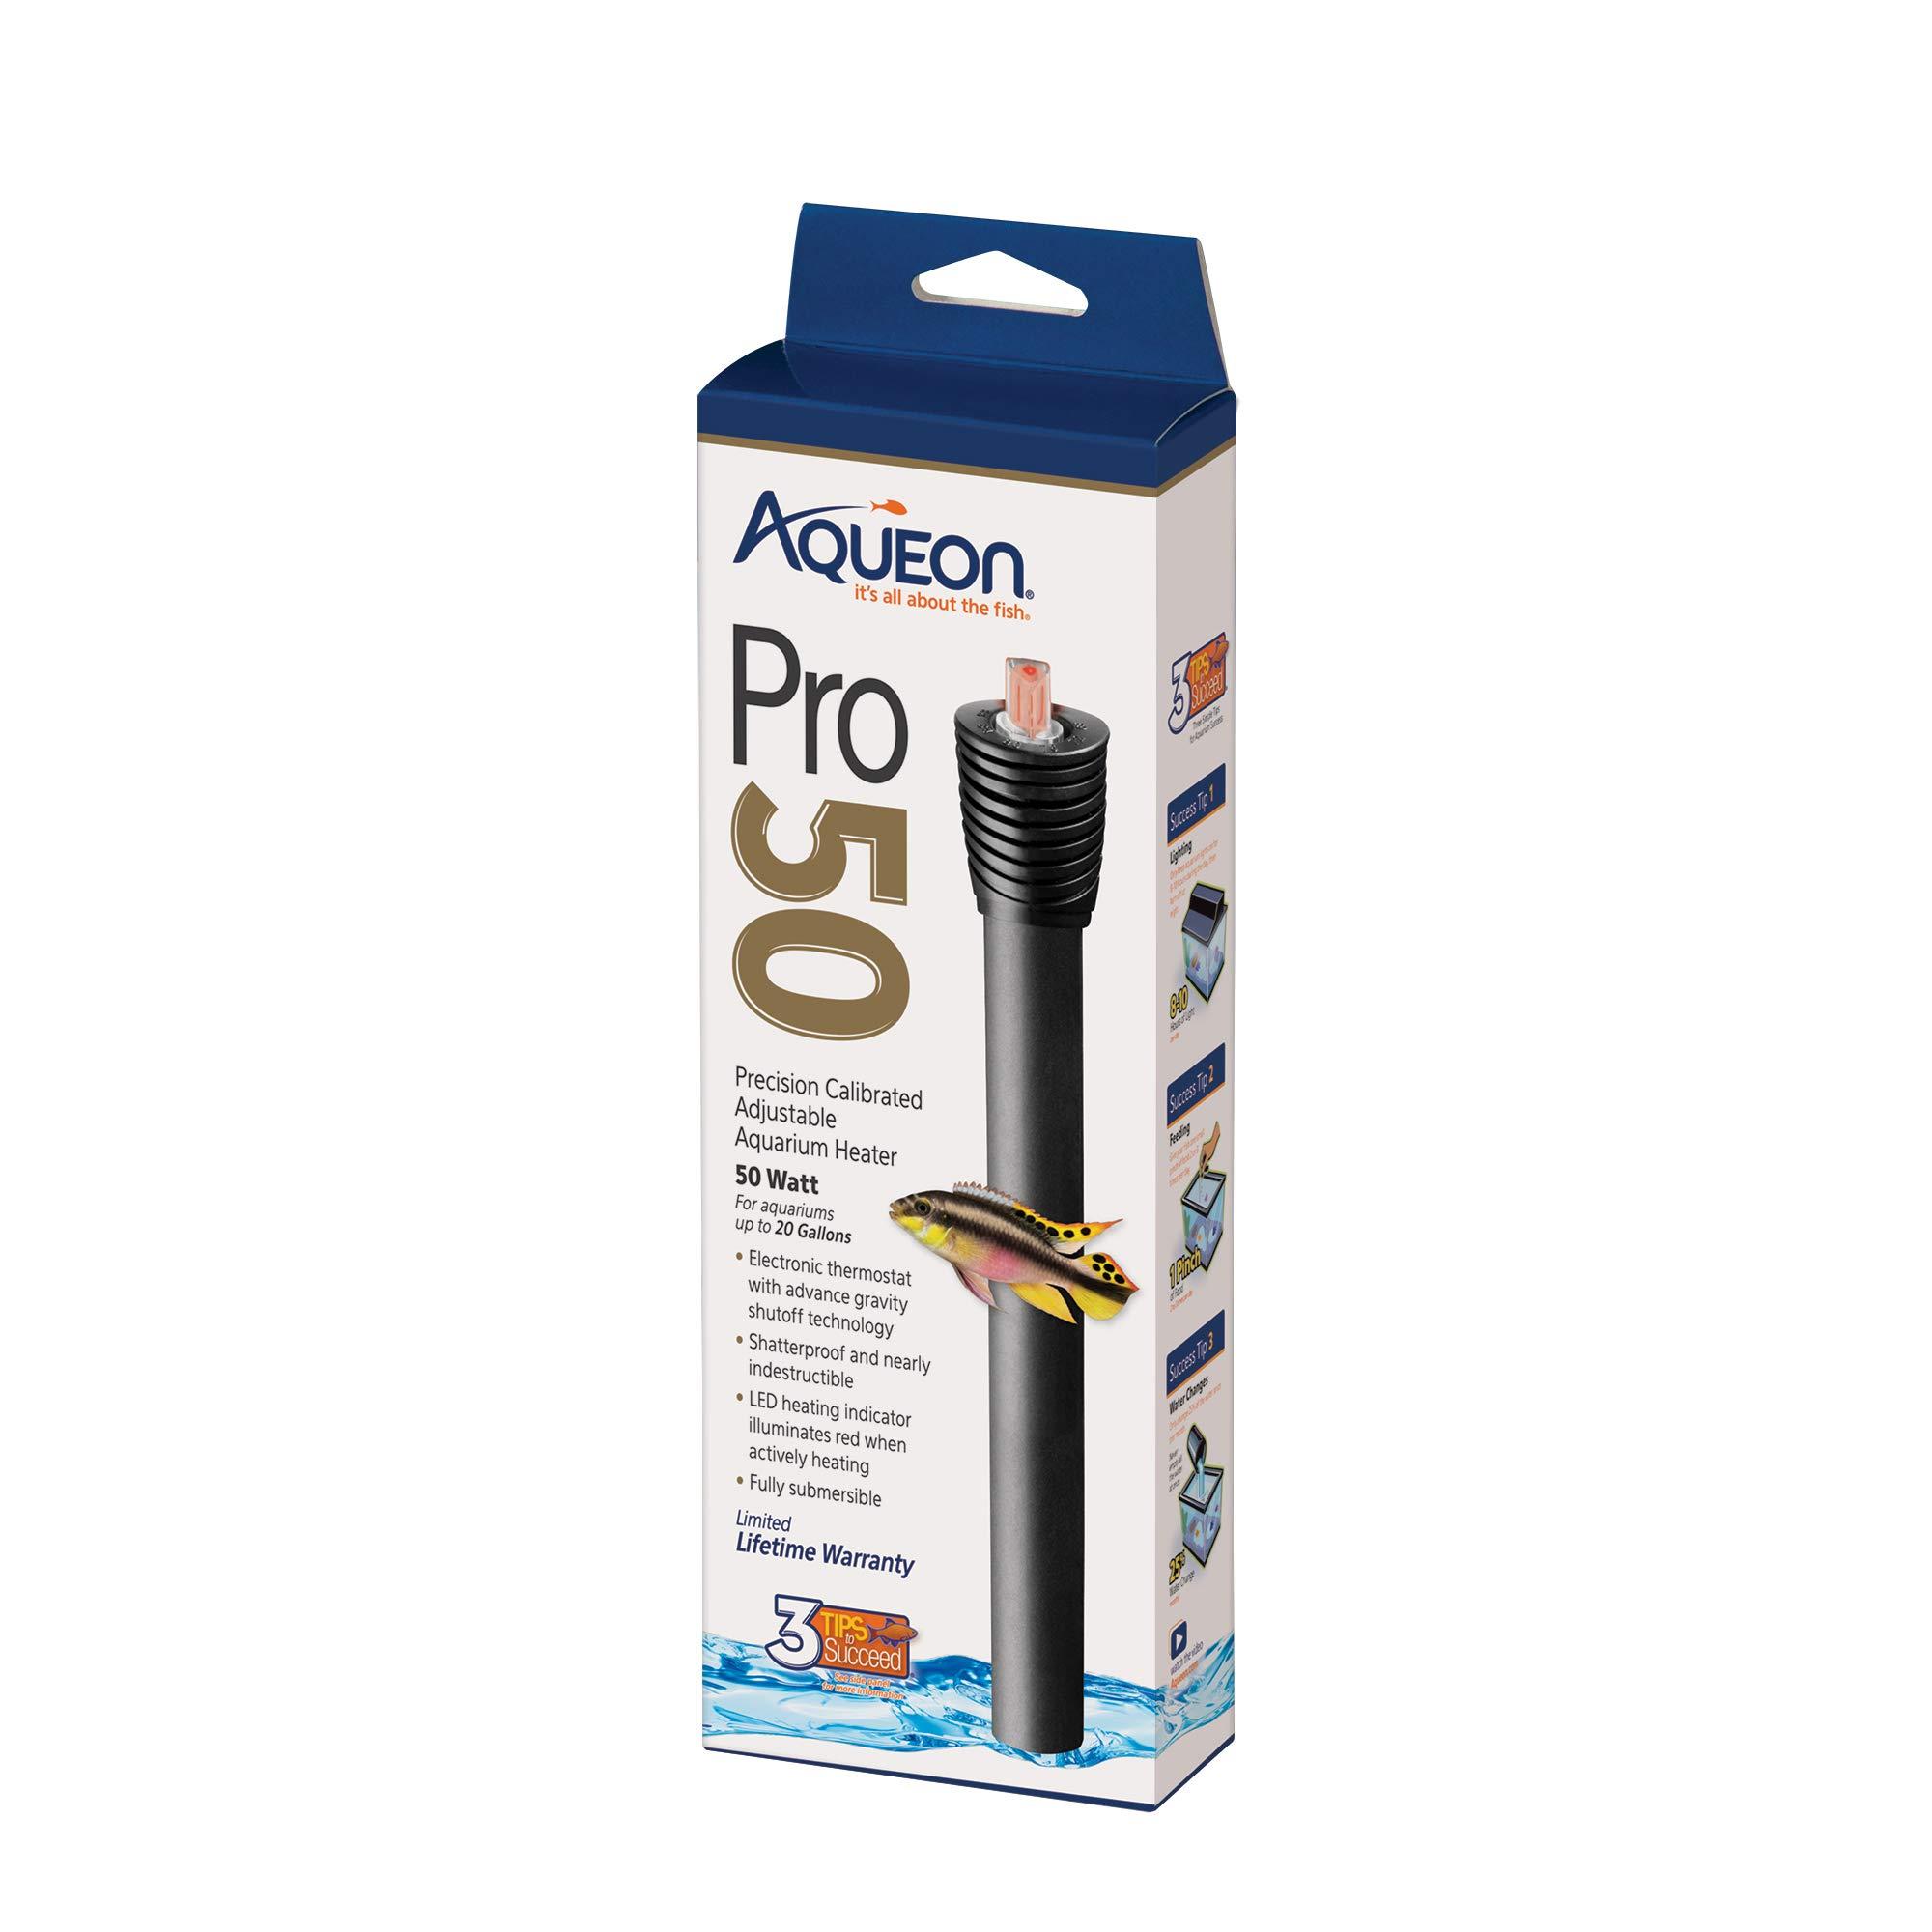 Aqueon Pro Adjustable Heater, 50W by Aqueon (Image #5)